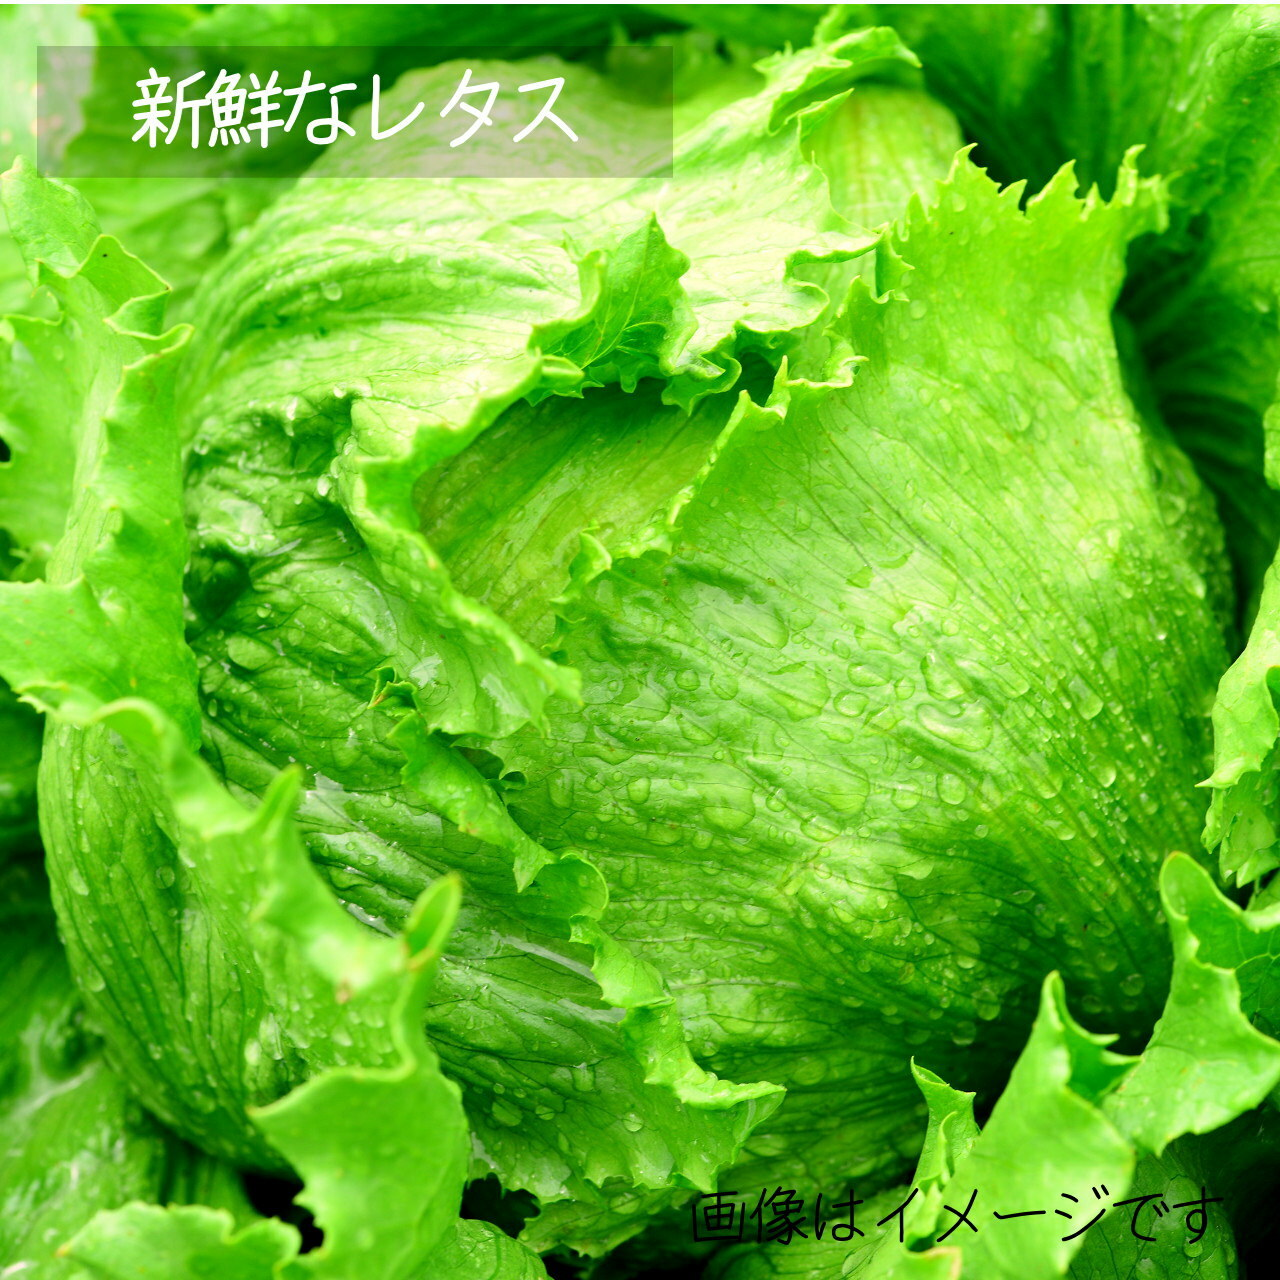 レタス 1個 : 6月朝採り直売野菜 春の新鮮野菜 6月13日発送予定